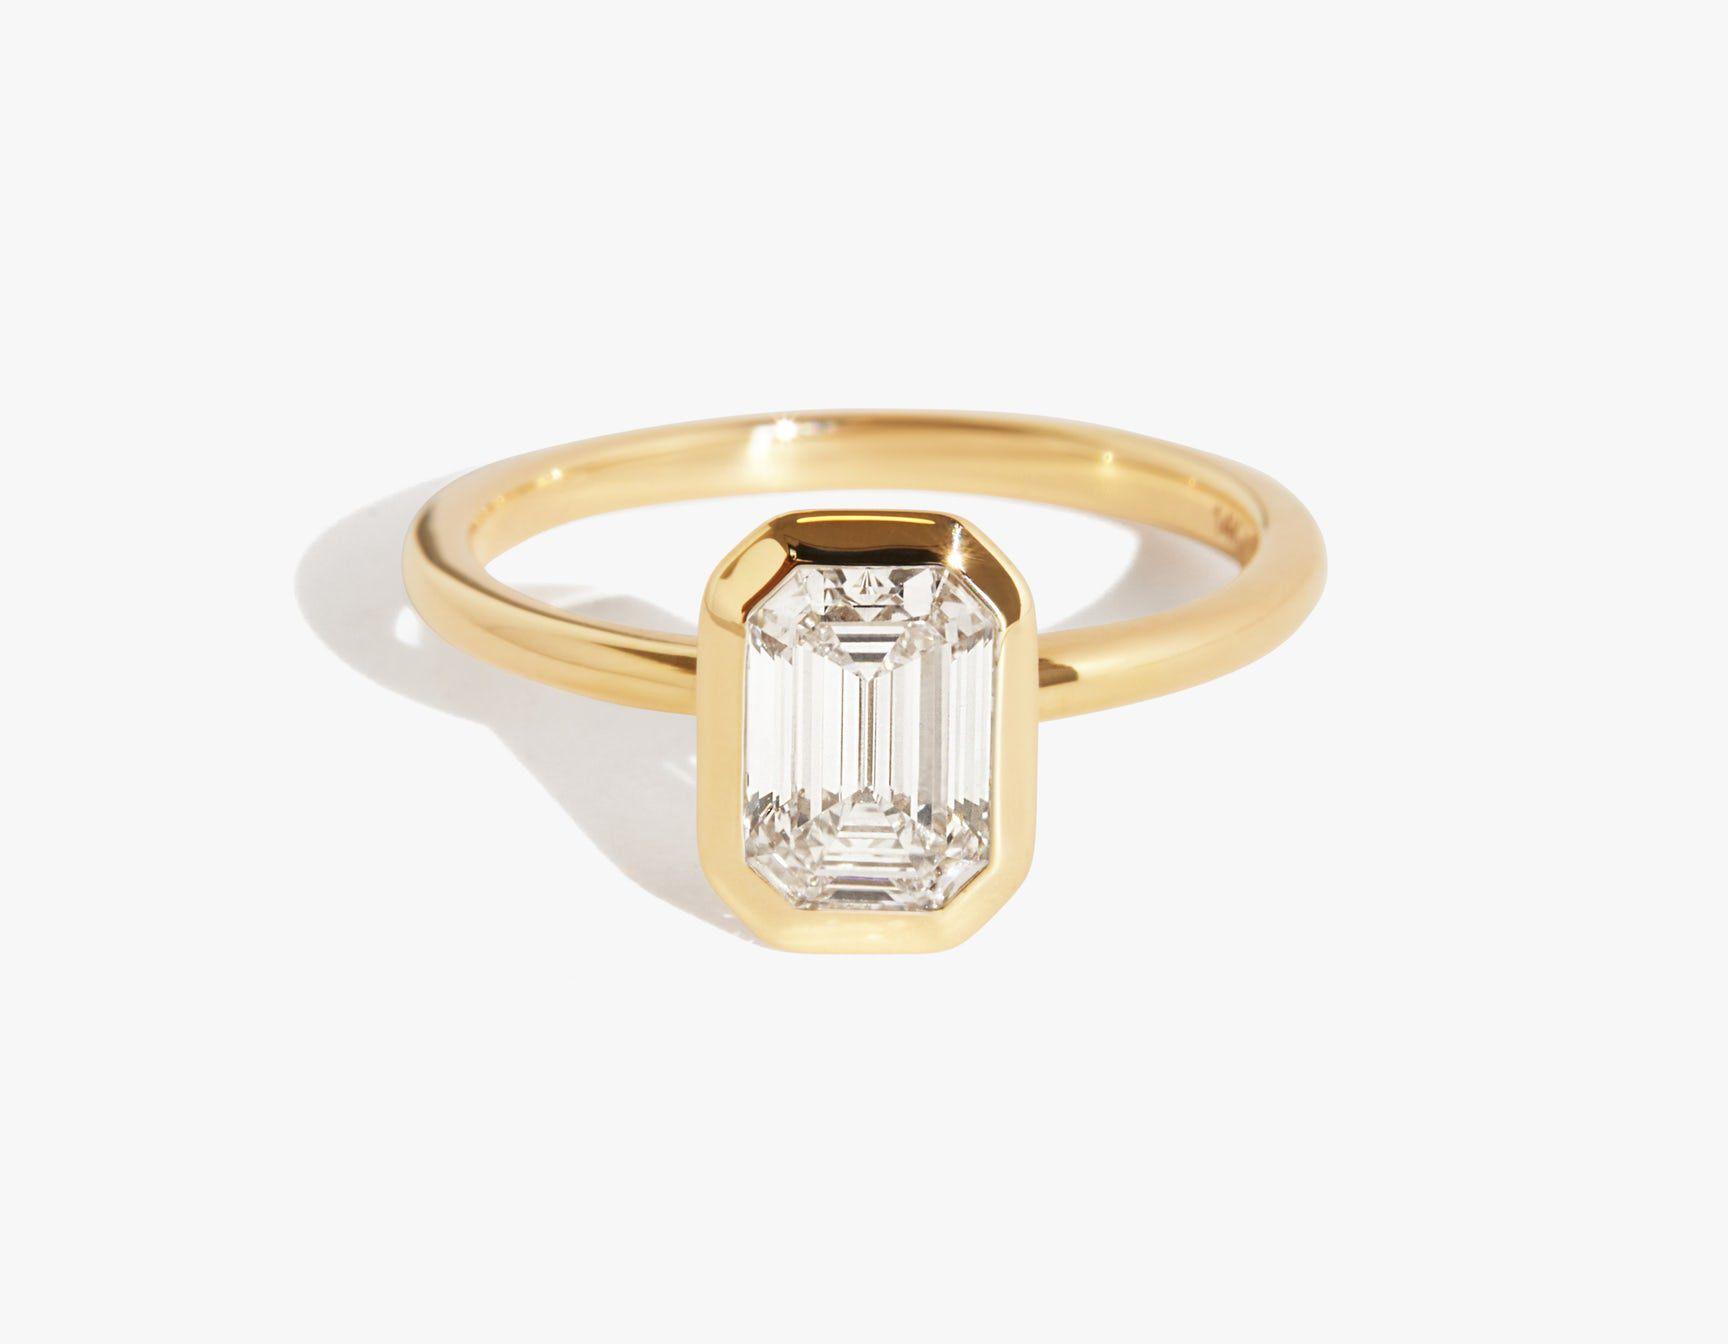 Vrai & Oro the Signature Bezel Ring